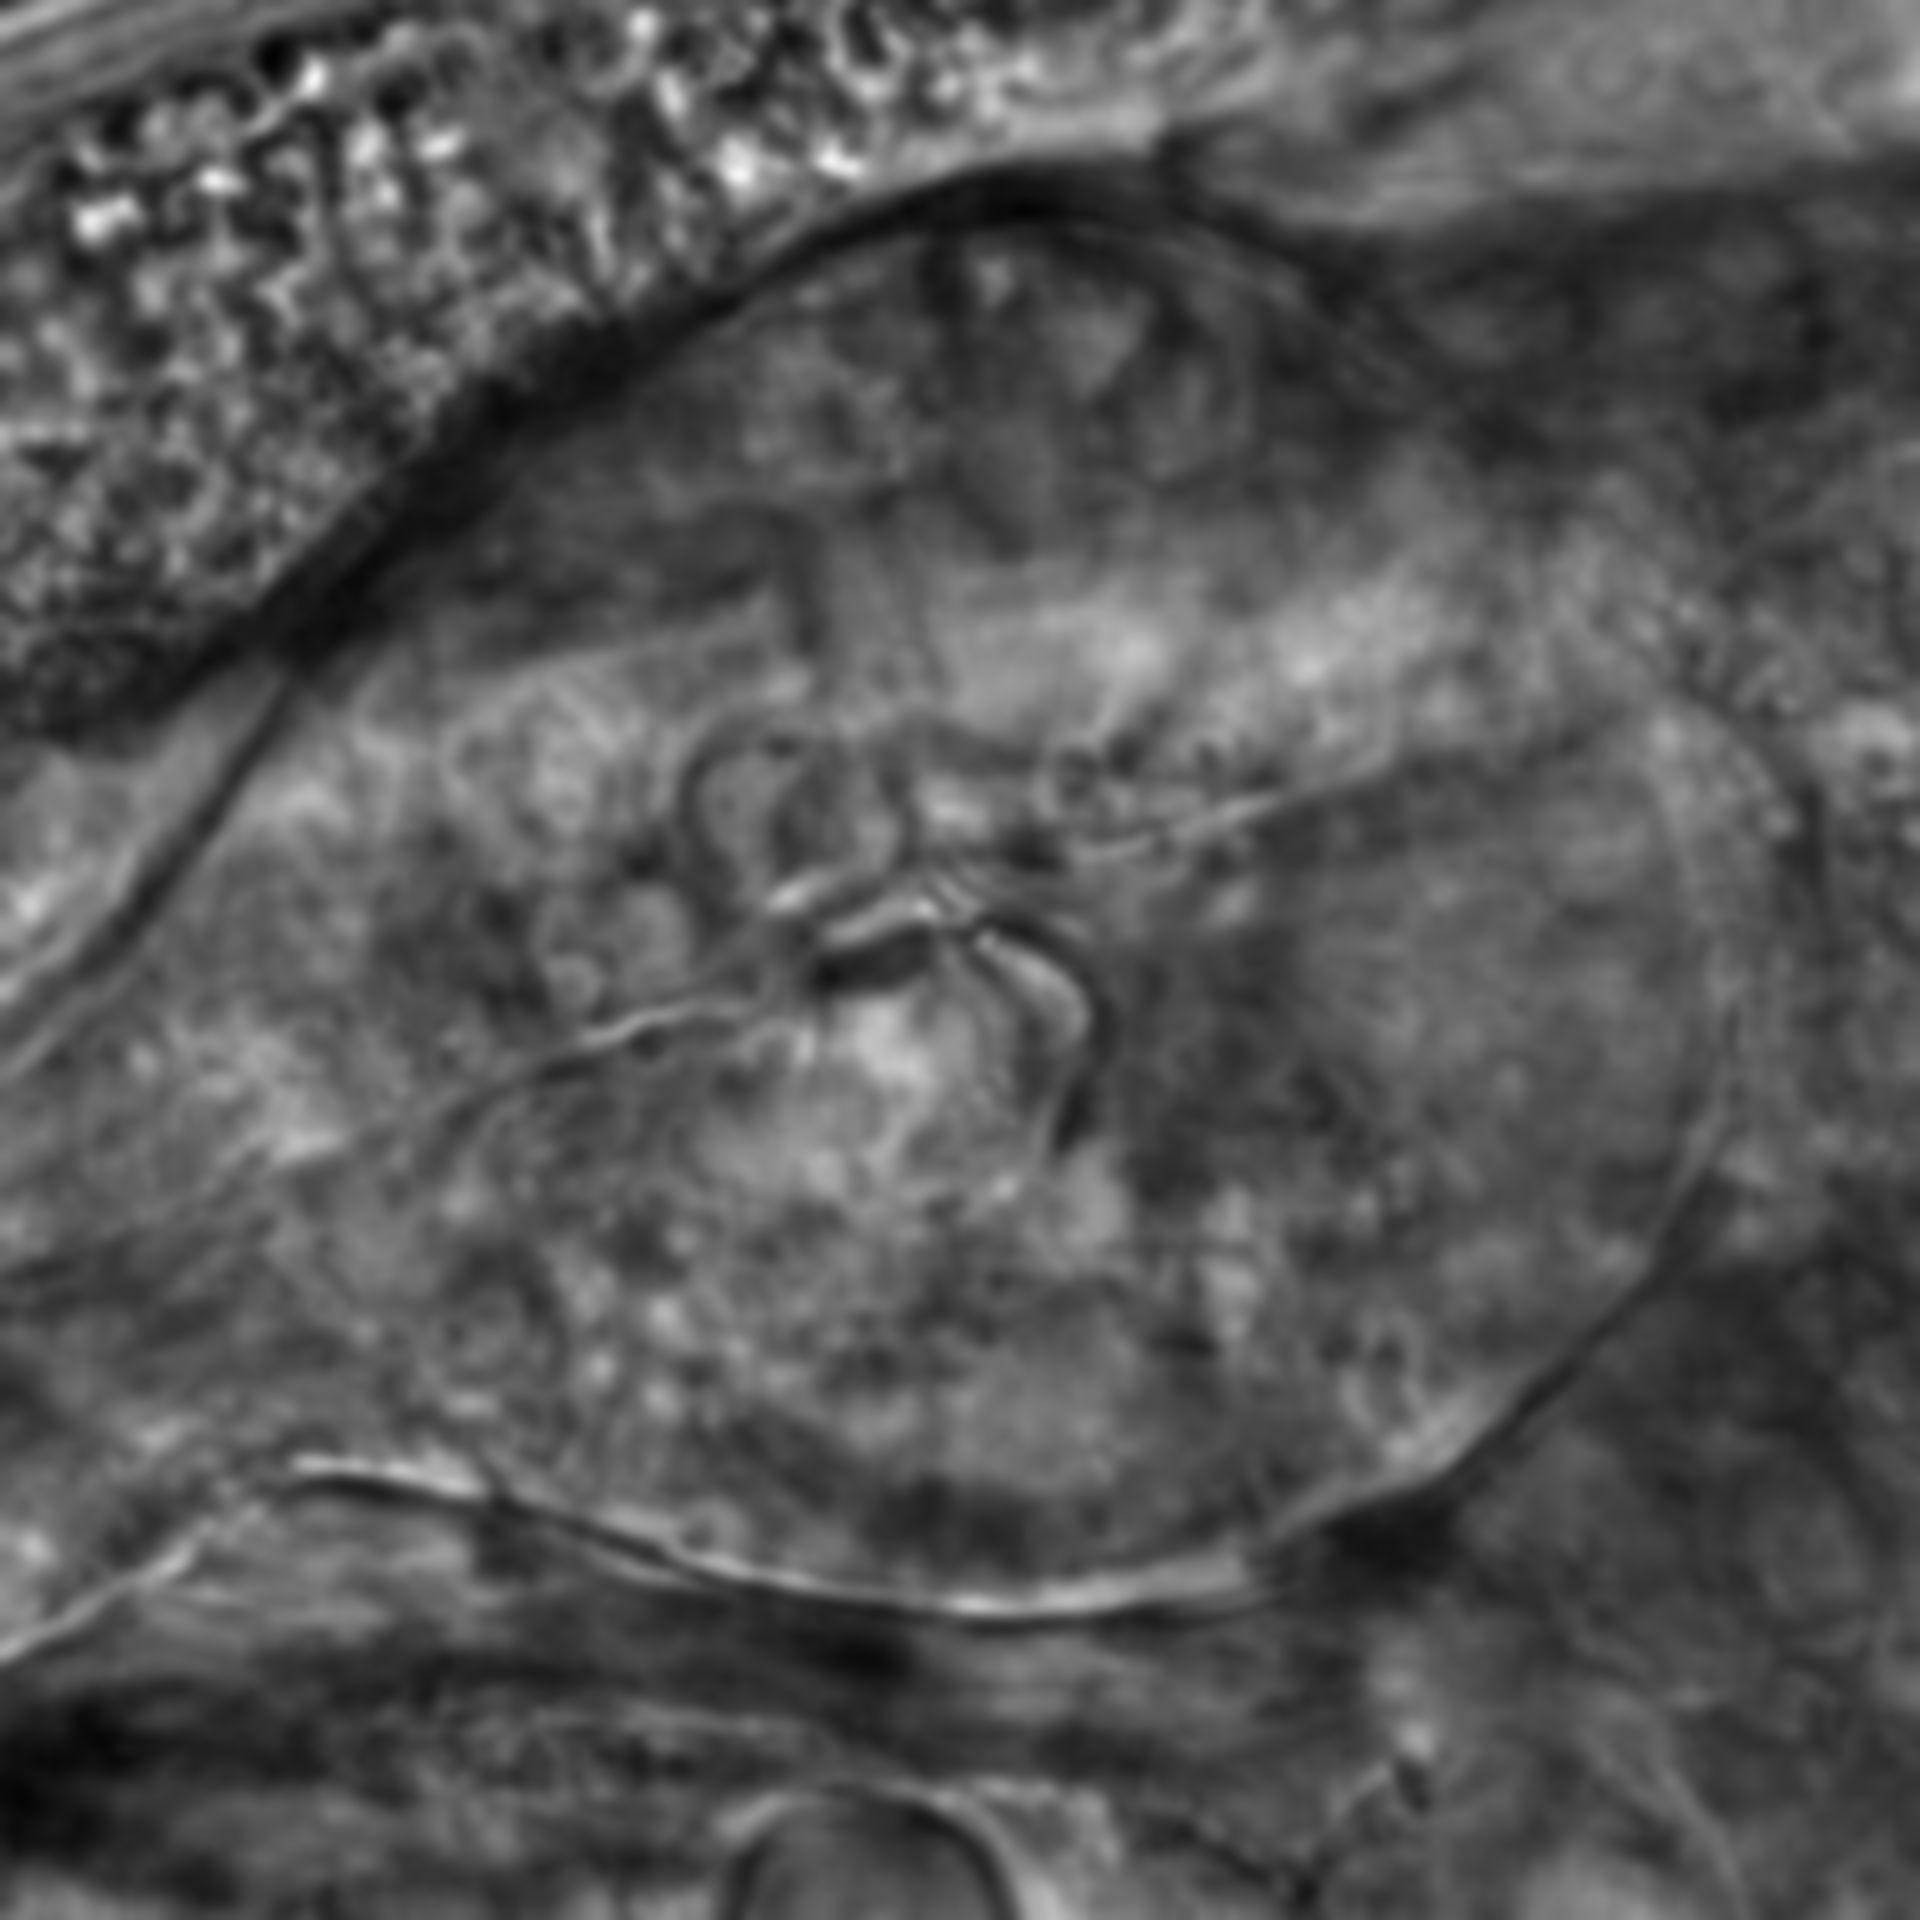 Caenorhabditis elegans - CIL:2758